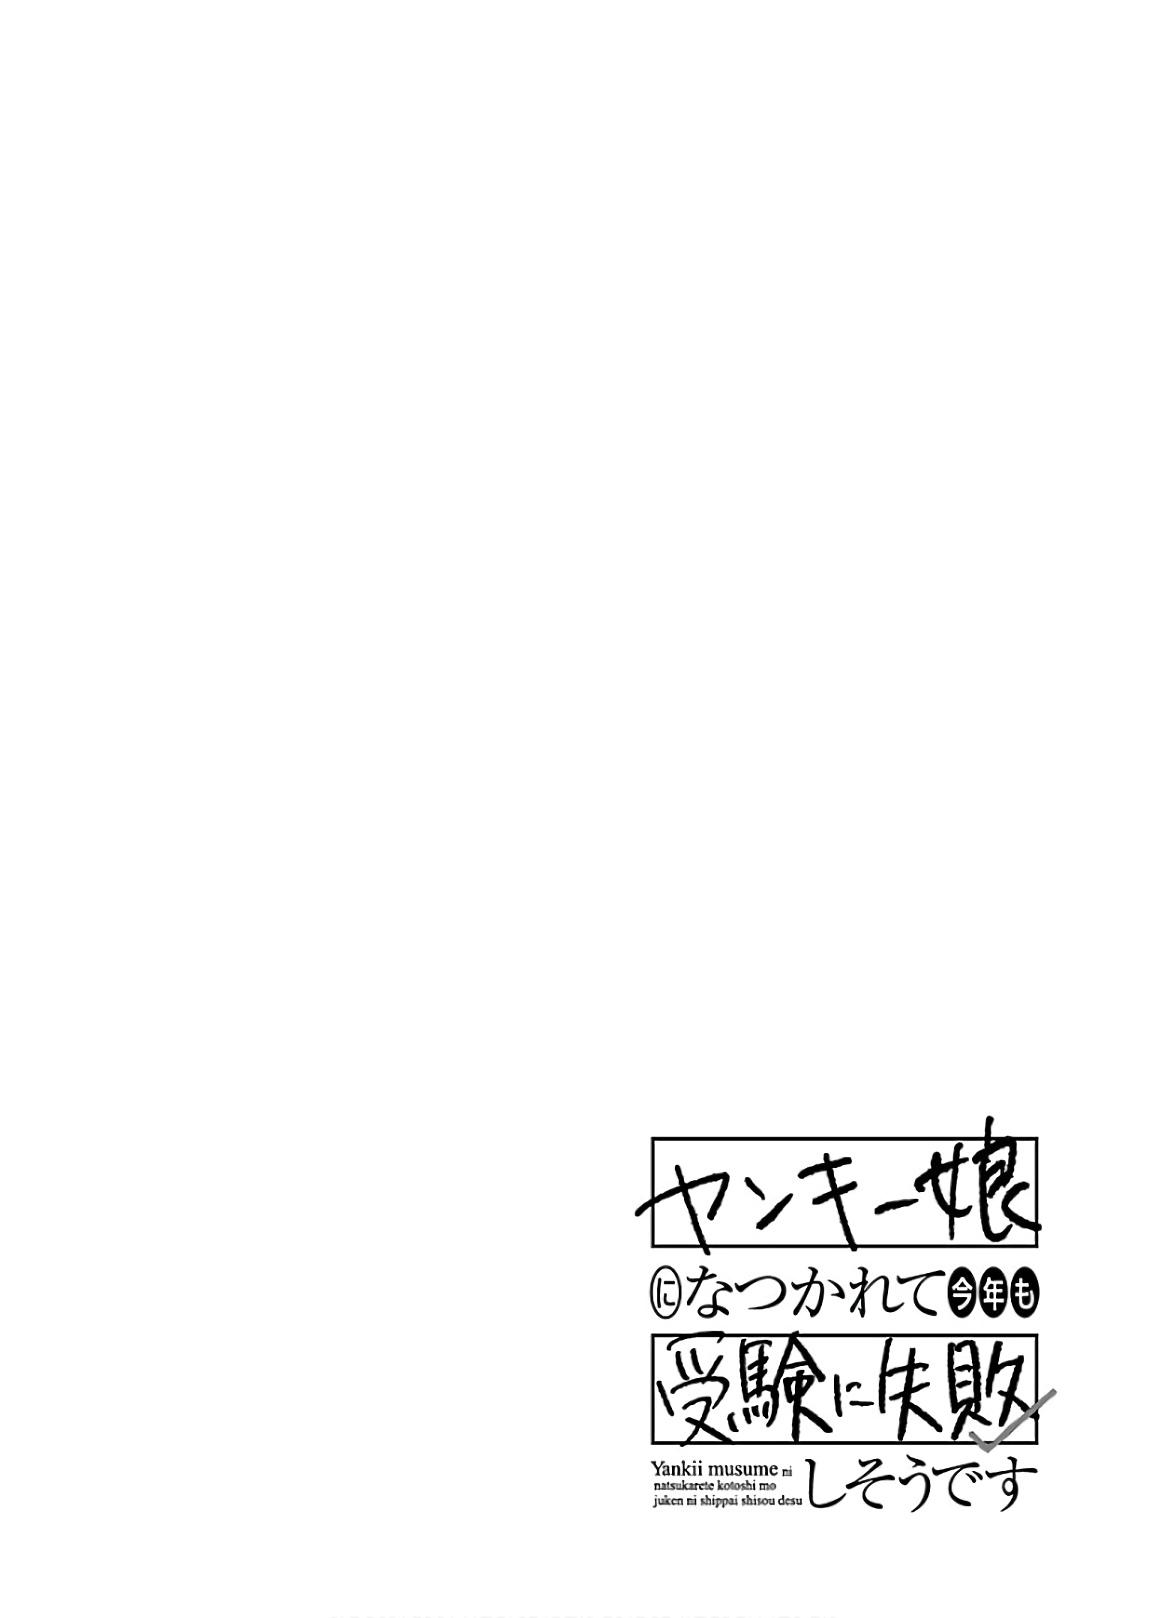 Yankii musume ni natsukarete kotoshi mo juken ni shippai shisou desu  vol.1 37